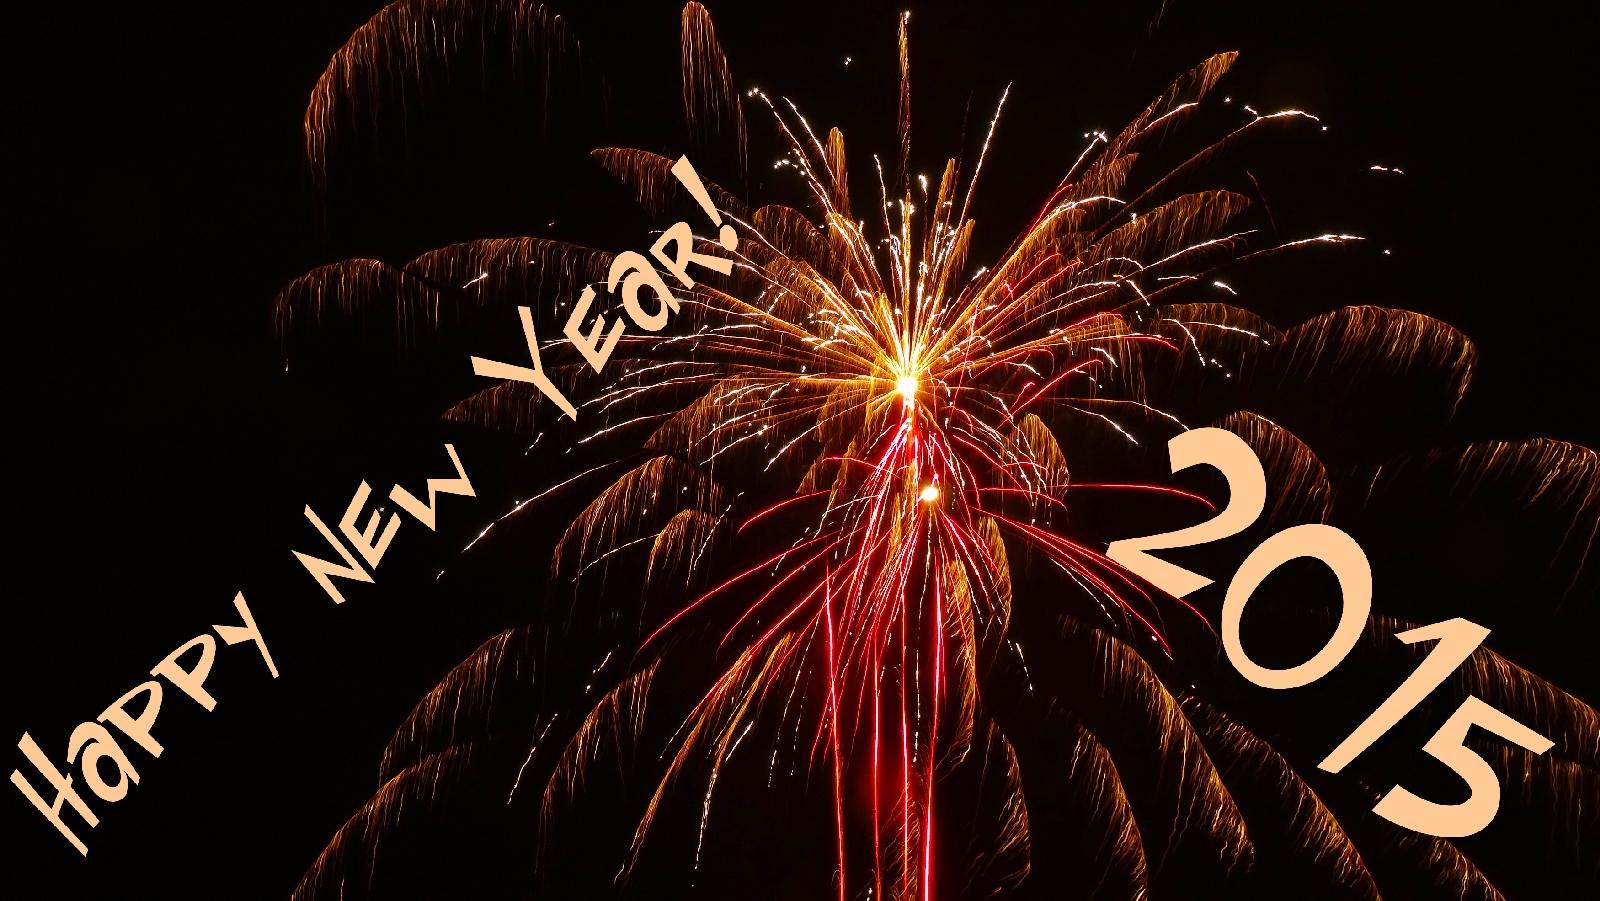 fireworks-562955_1600x1600_1000KB